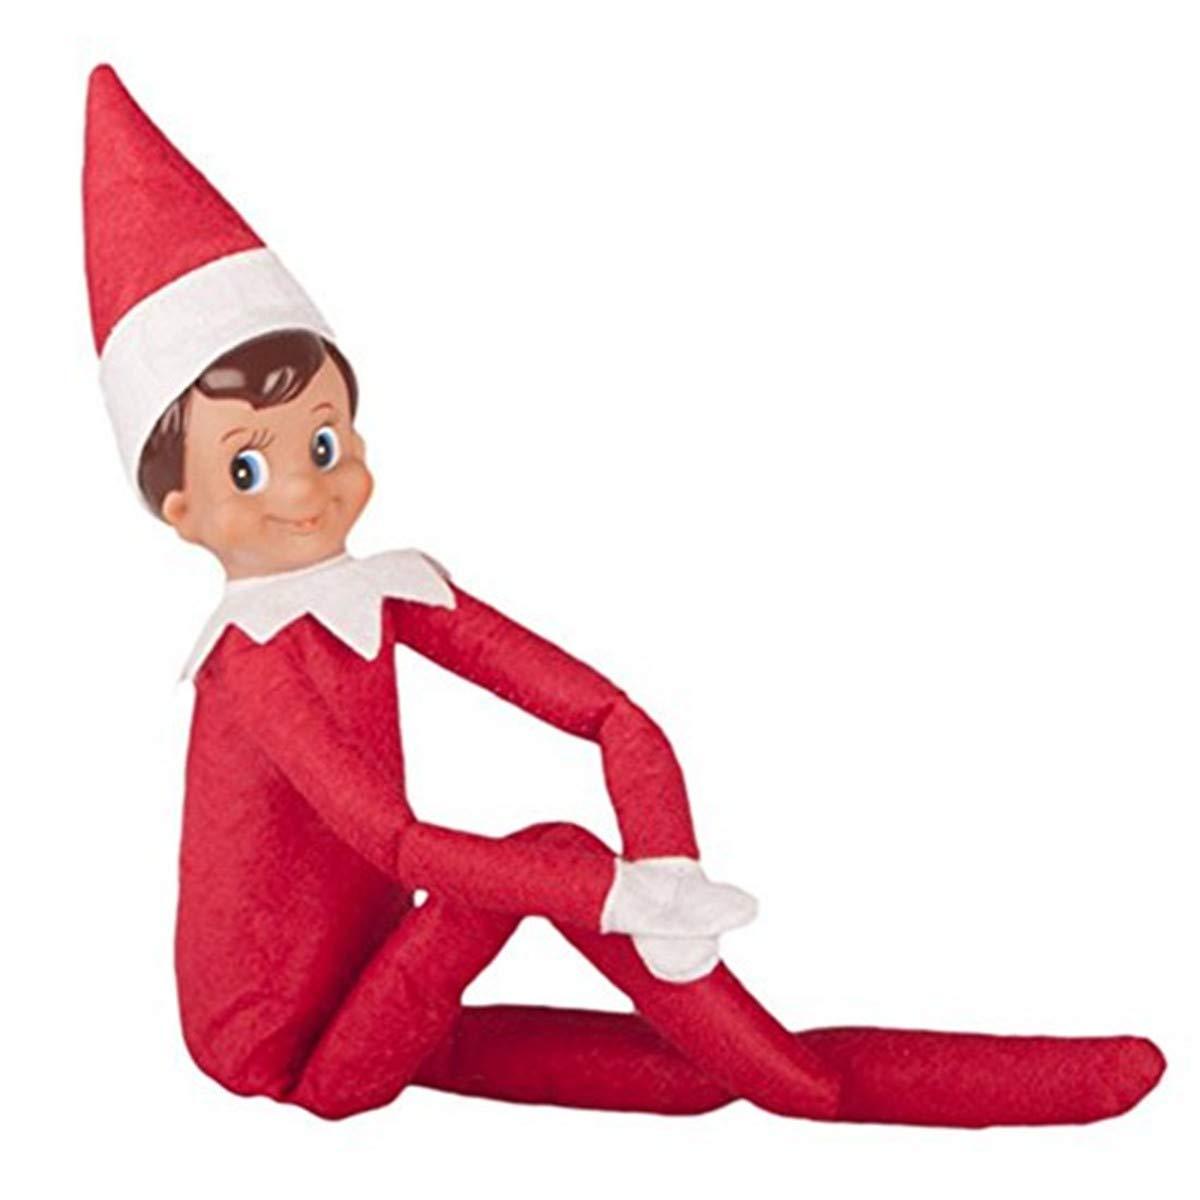 ADAM J BERENZWEIG Christmas Birthday Novelty Elf Plush Dolls On The Toys Shelf Red Boy